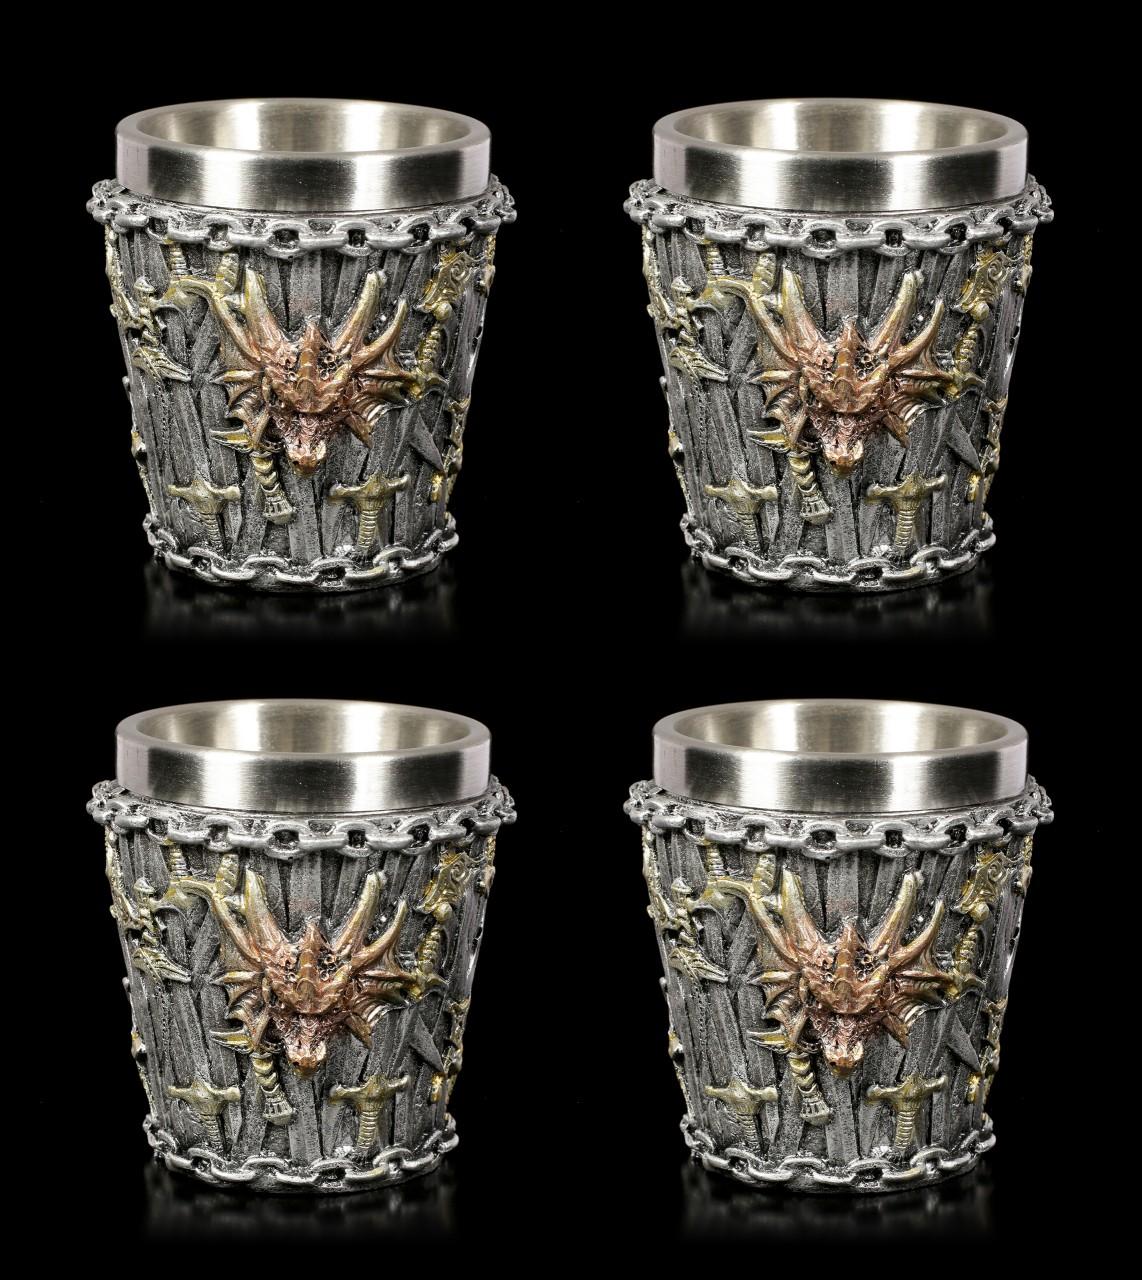 Drachen Schnapsbecher 4er Set - Dragon Kingdom